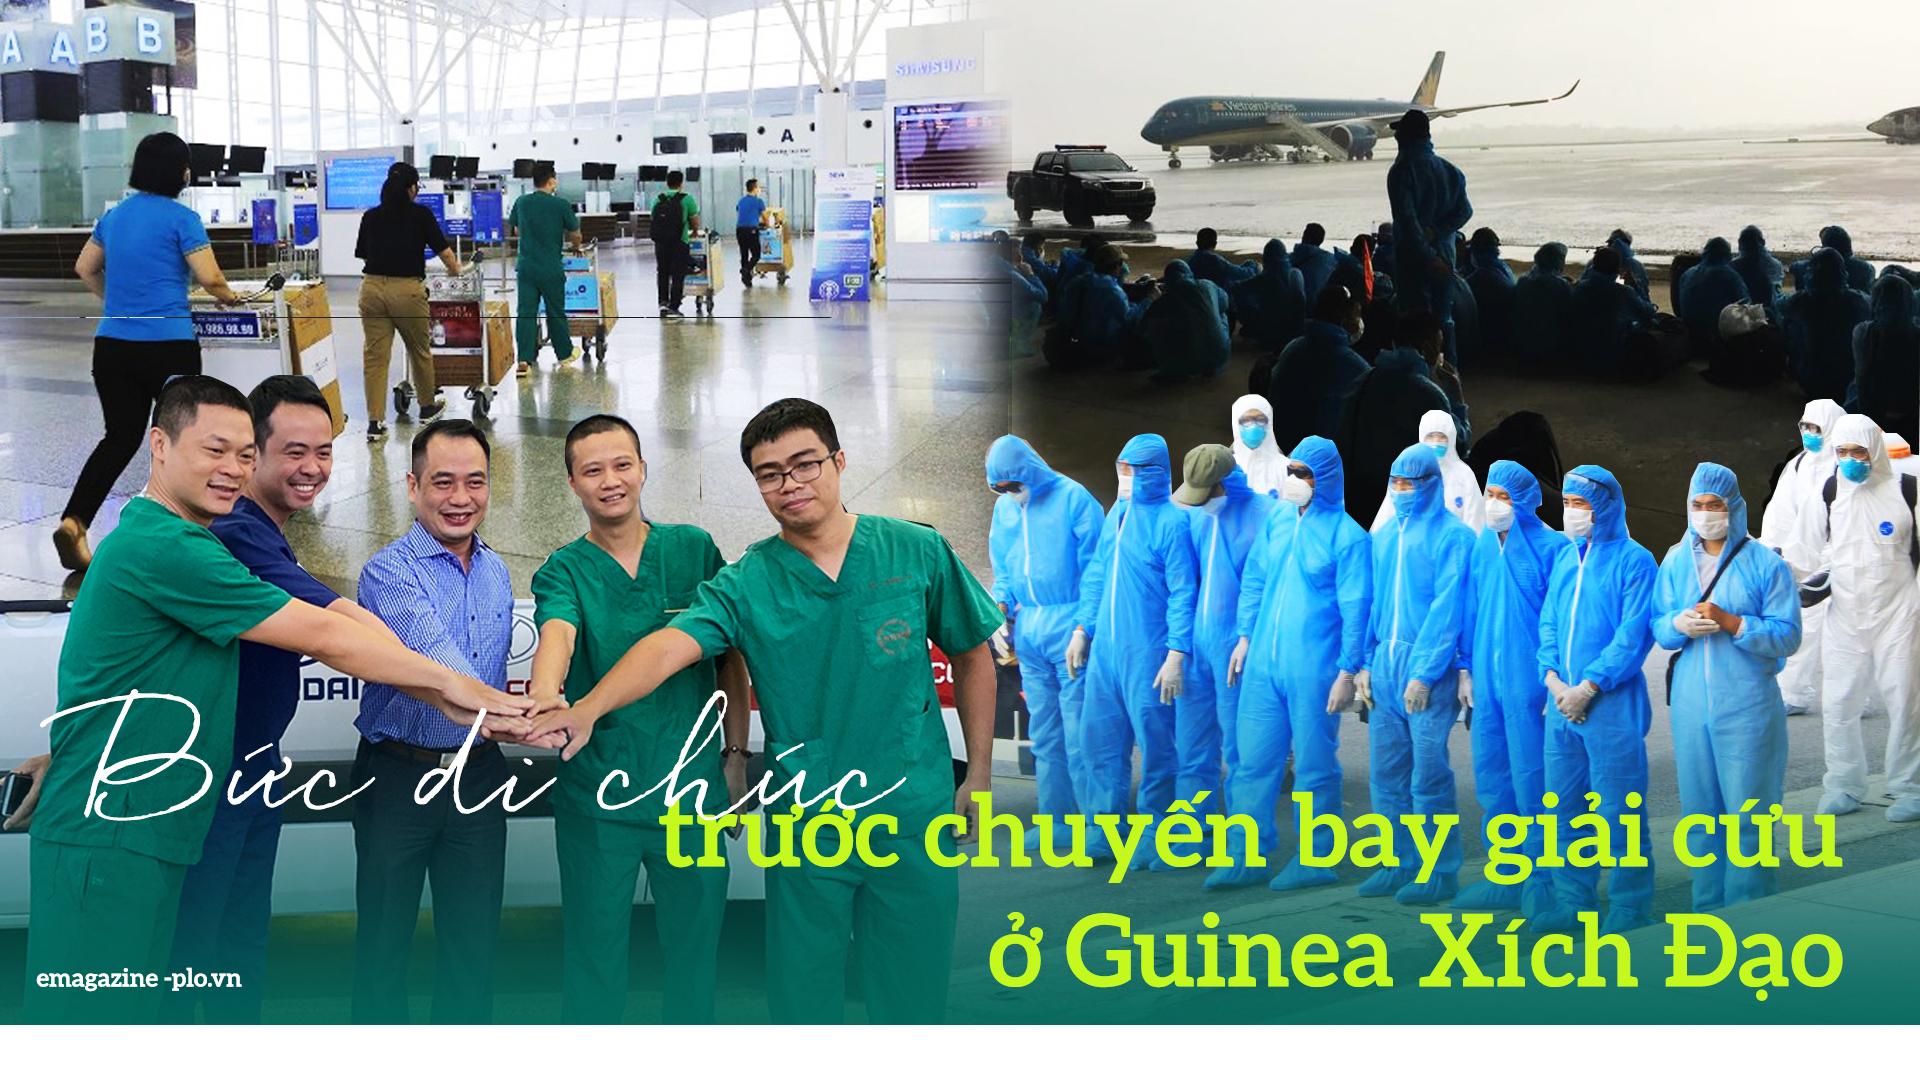 Bức di chúc trước chuyến bay giải cứu ở Guinea Xích Đạo